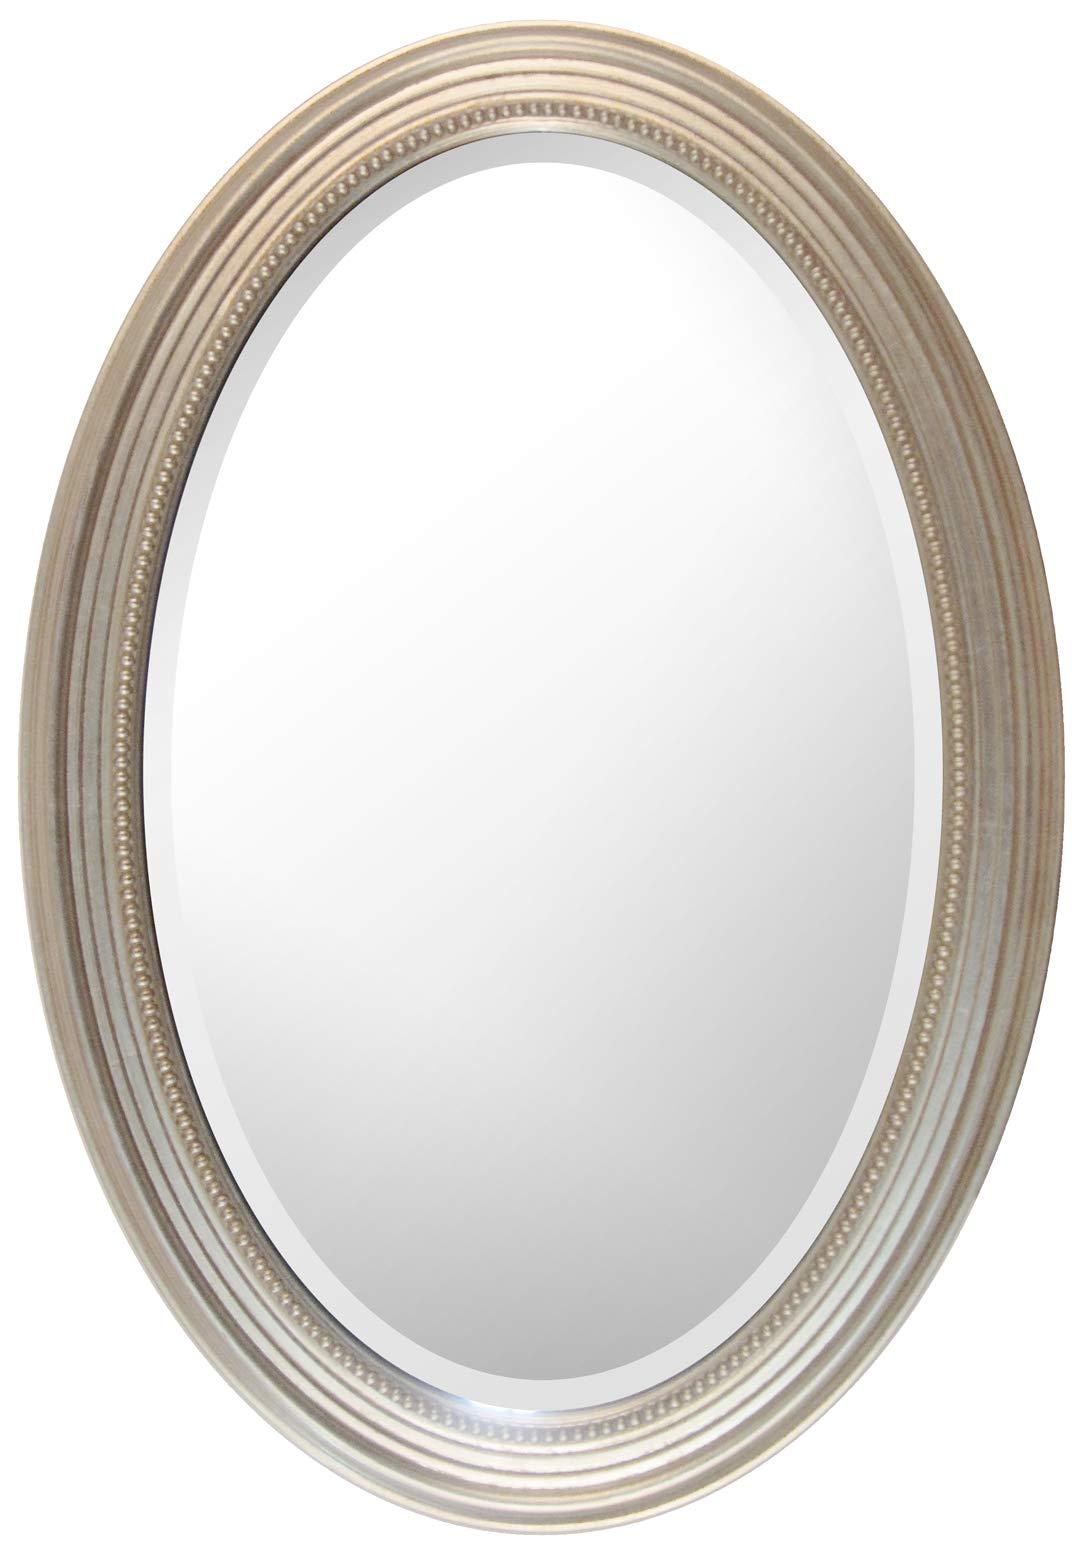 Mirrorize.ca AMA5411432 Mirror, Silver